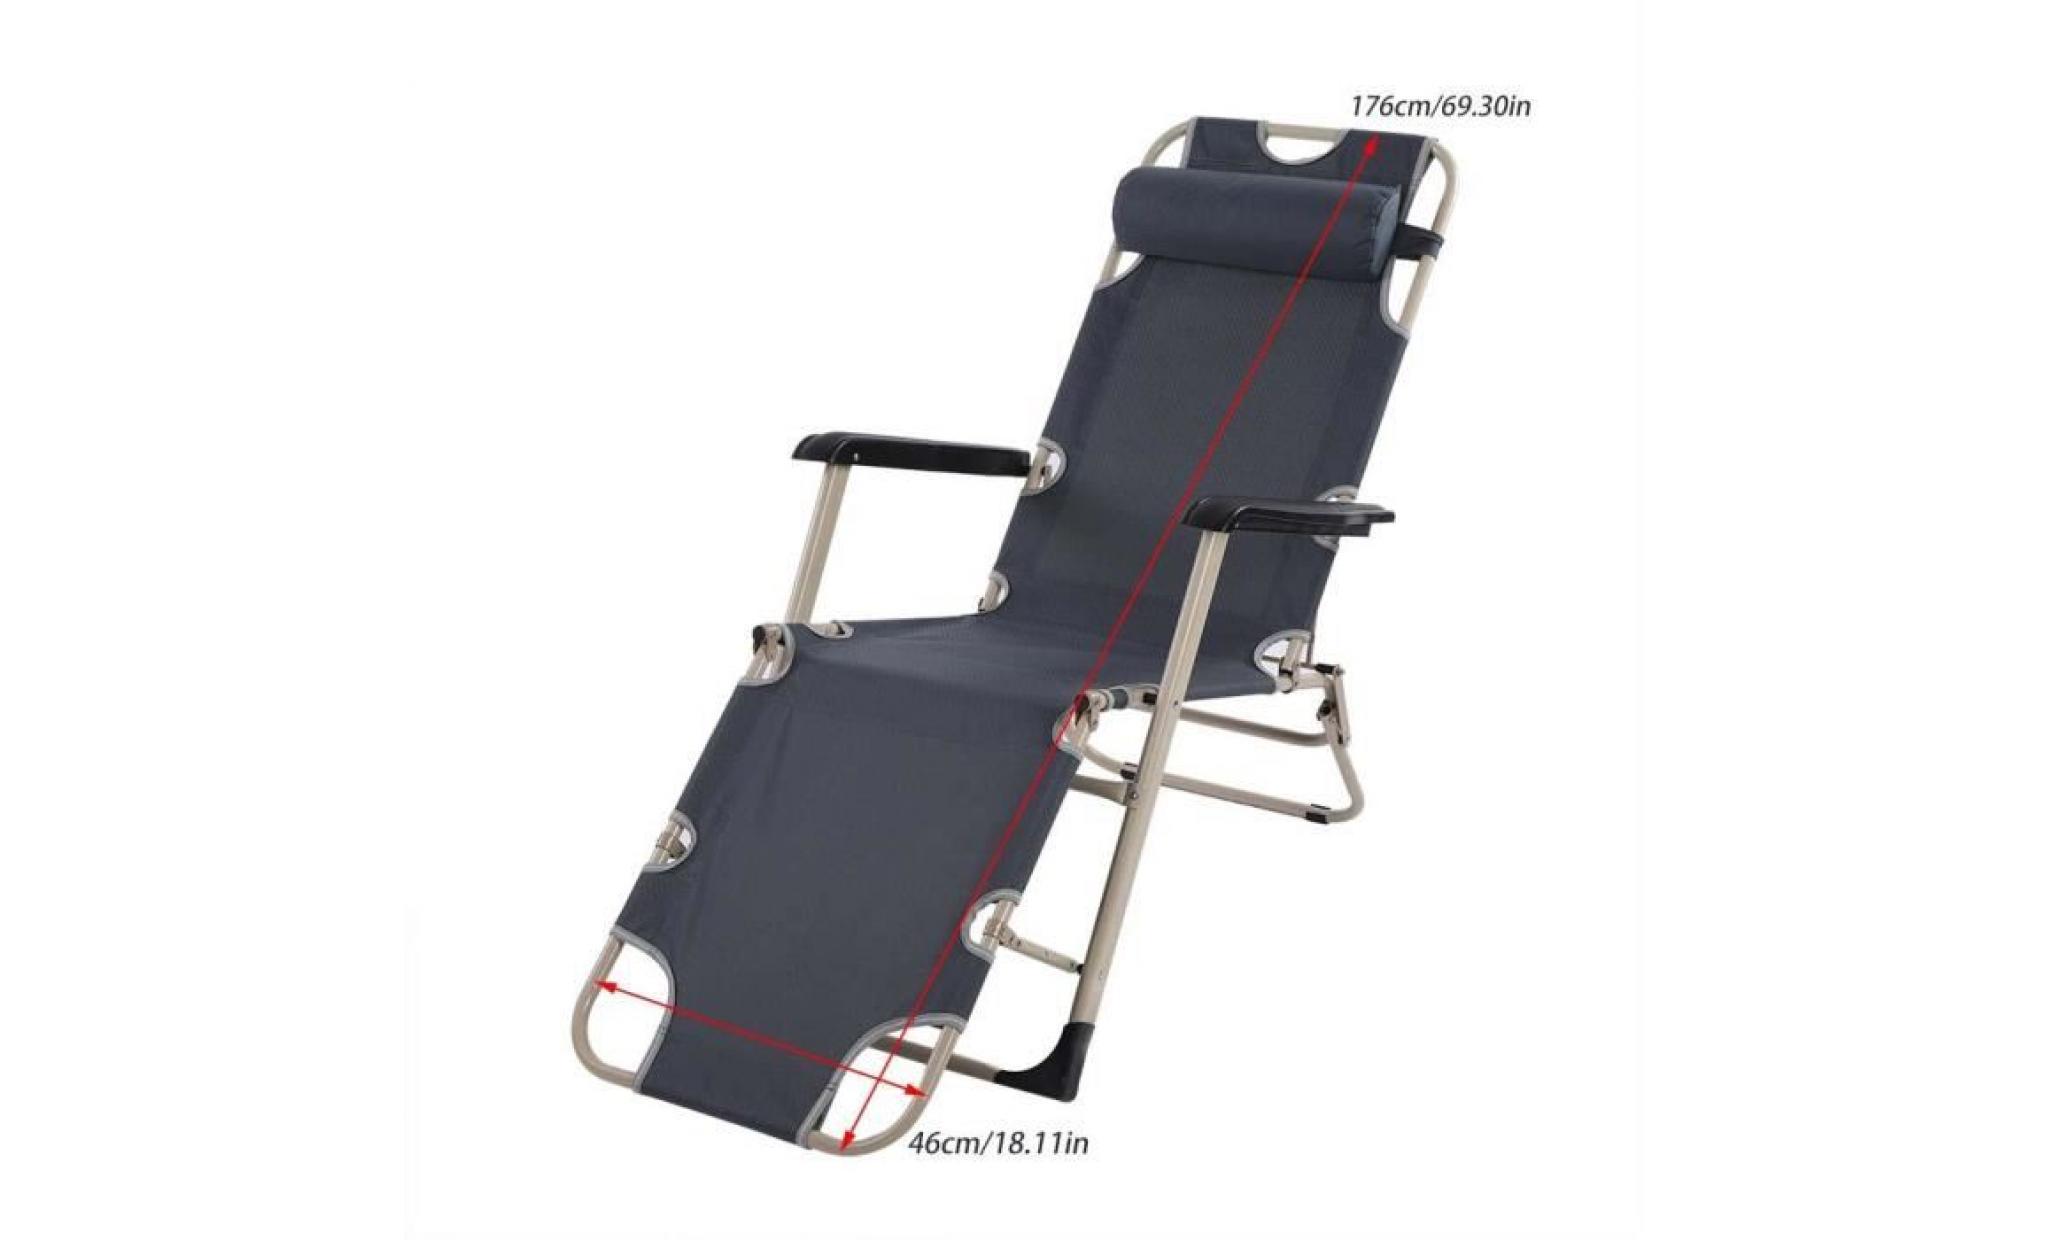 Pliant Lounge Chaise Accoudoir Fauteuil Vacances Inclinable D'extérieur Longue Camping Salon Avec wm8nyN0Ov